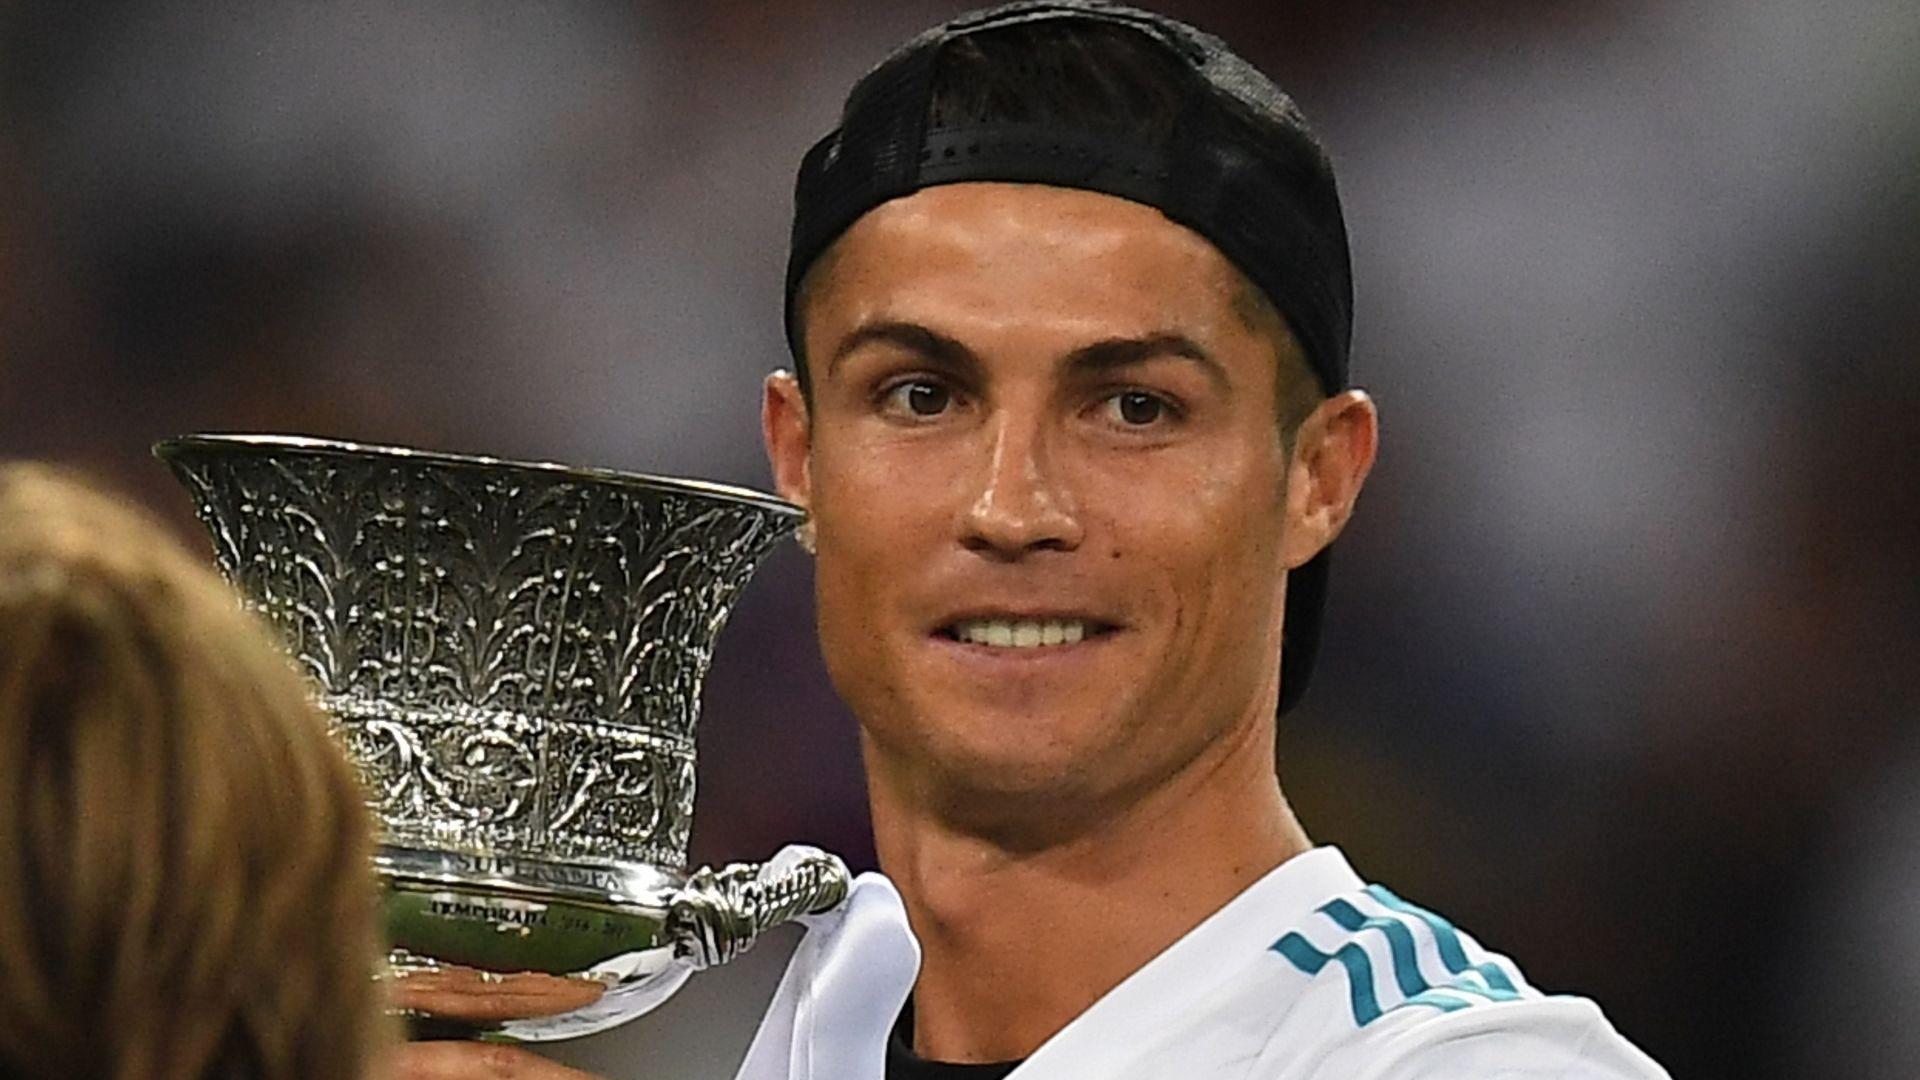 Cristiano Ronaldo Real Madrid Supercopa de Espana 16082017